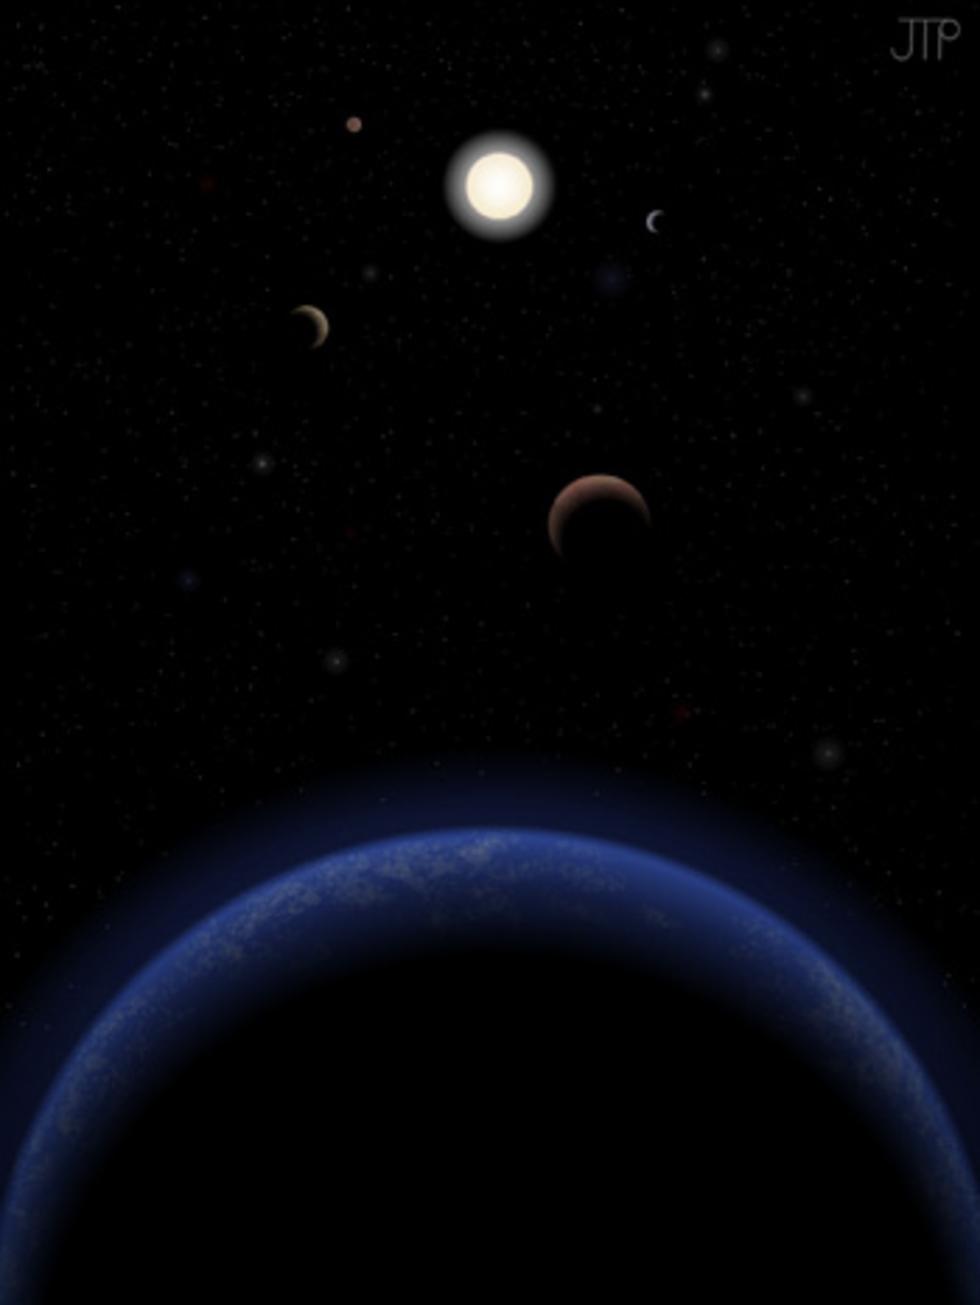 Jordlik planet upptäckt